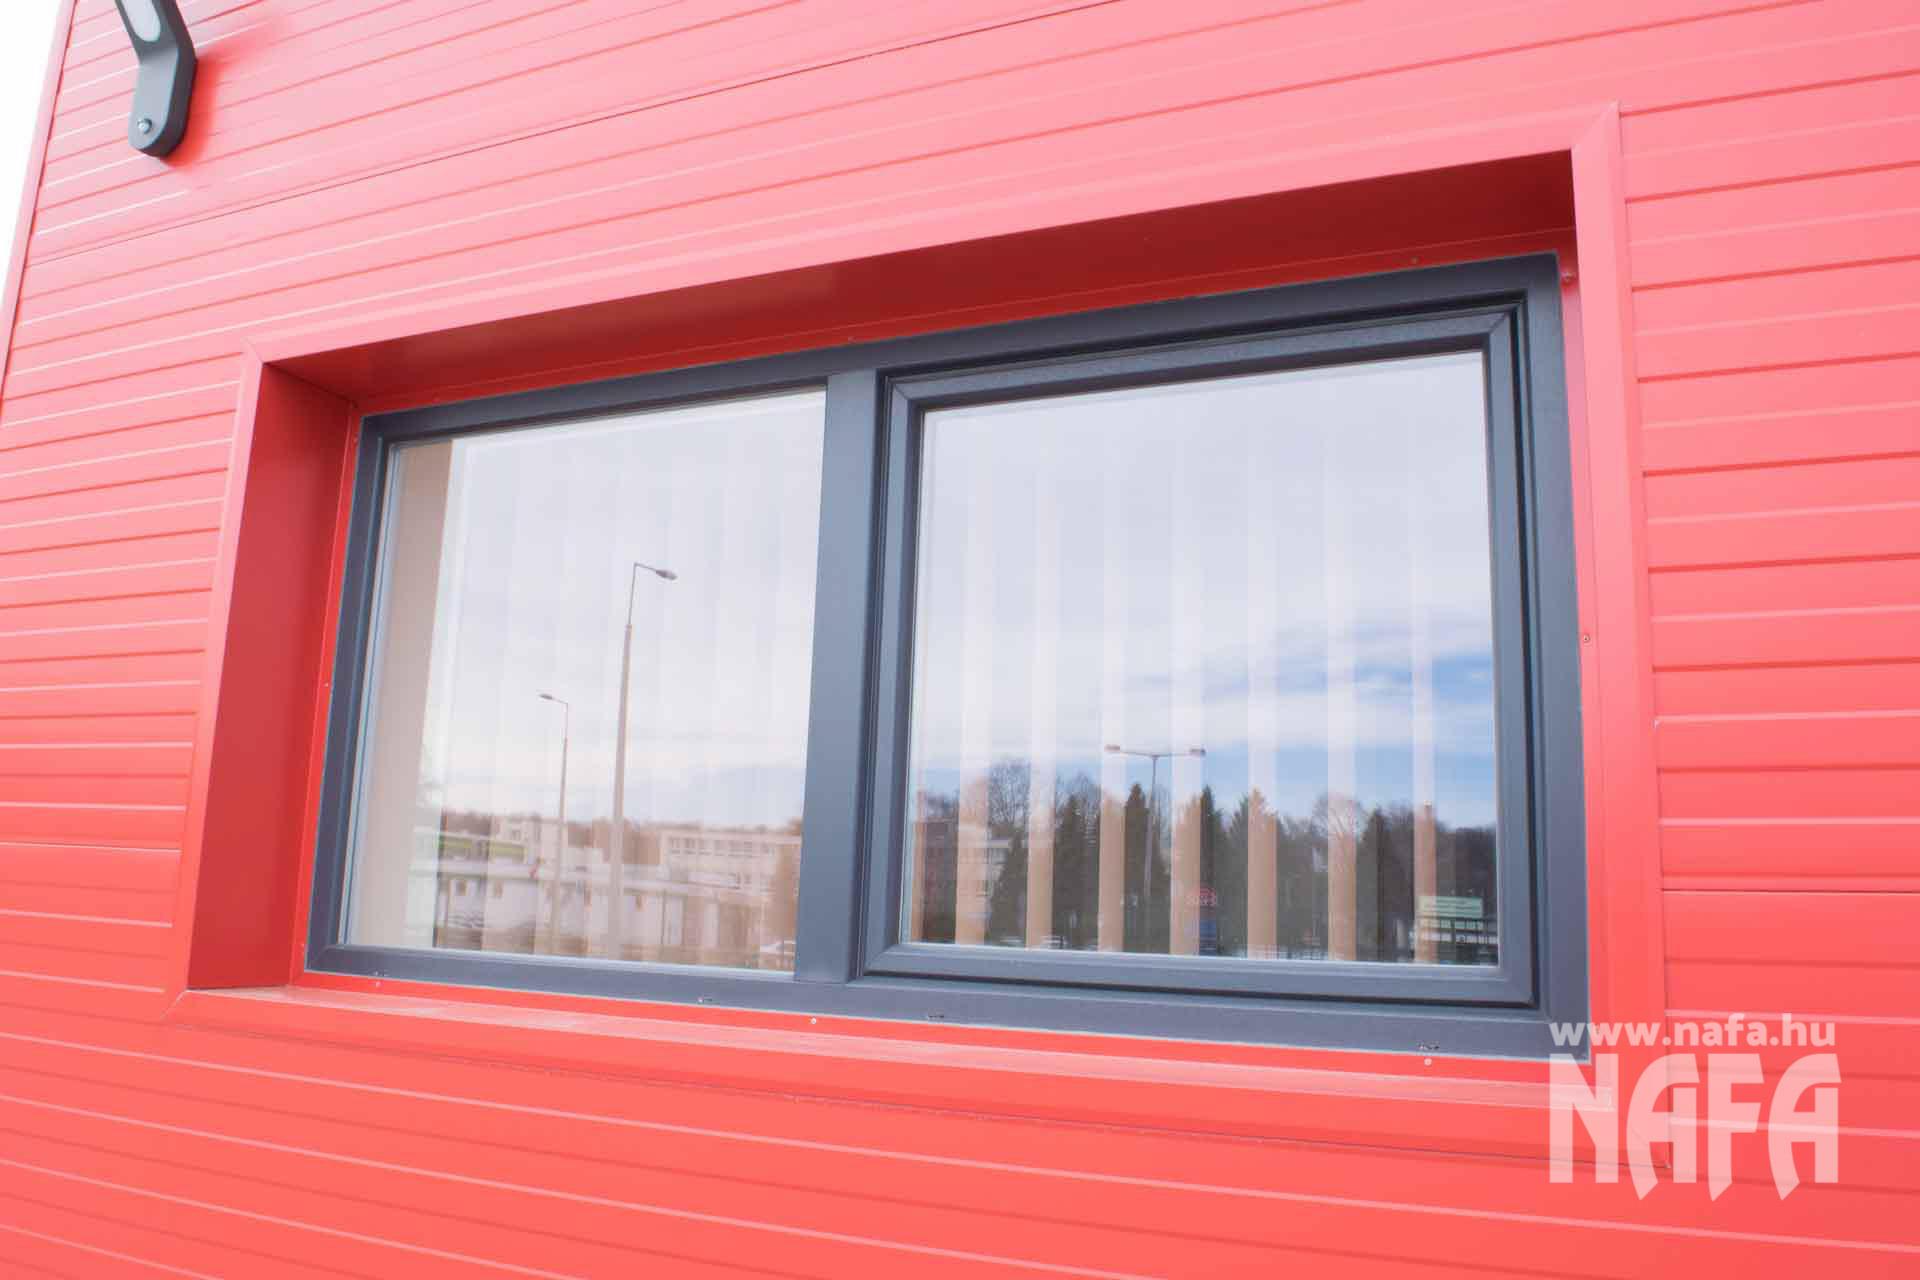 Műanyag nyílászárók, egyedi ablakok és ajtó, Kaposvár Irodaház